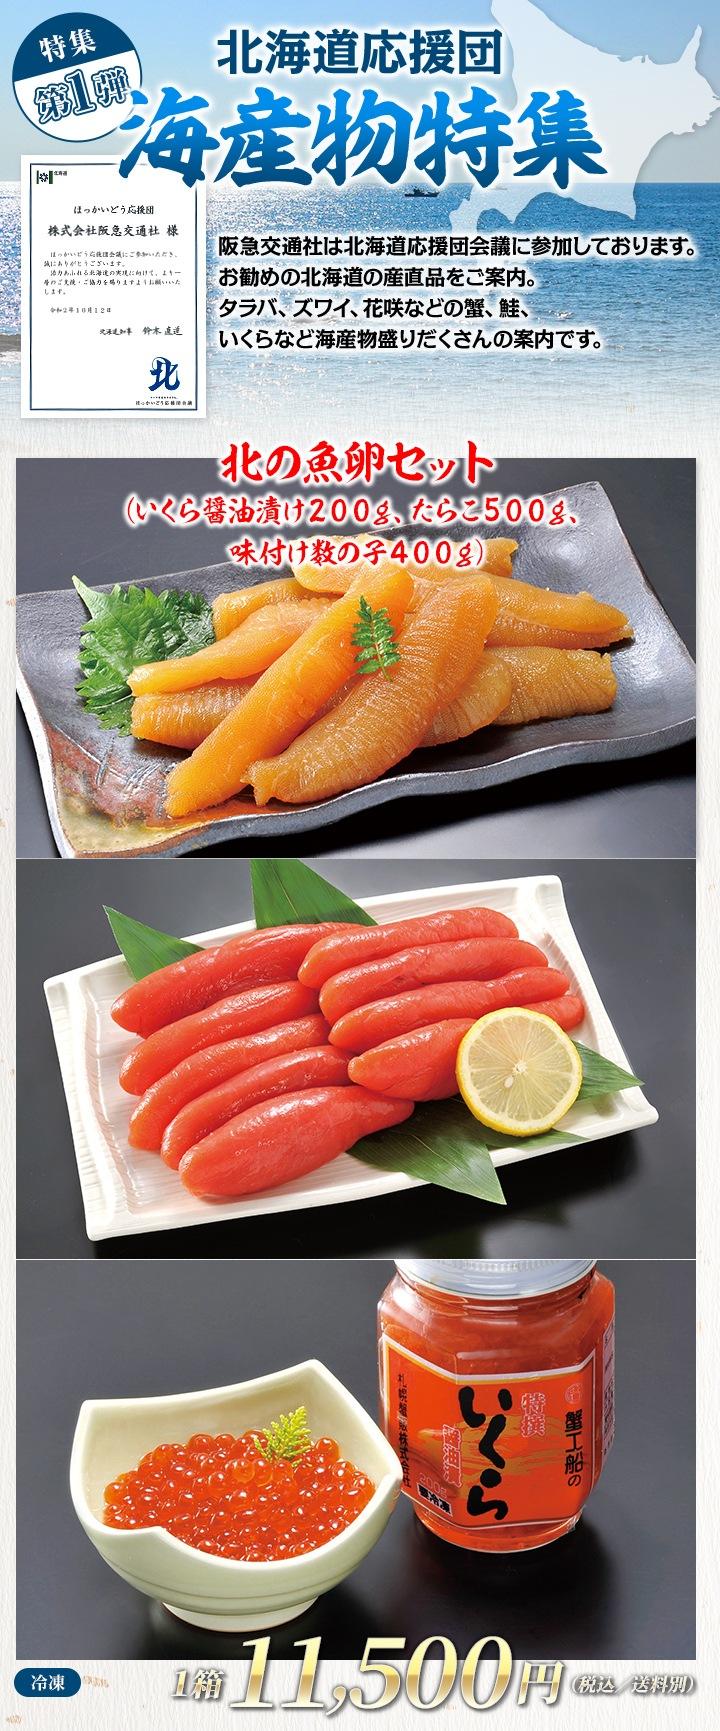 【北海道応援団特集:パート1】北の魚卵セット(いくら醤油漬け200g、たらこ500g、味付け数の子400g)